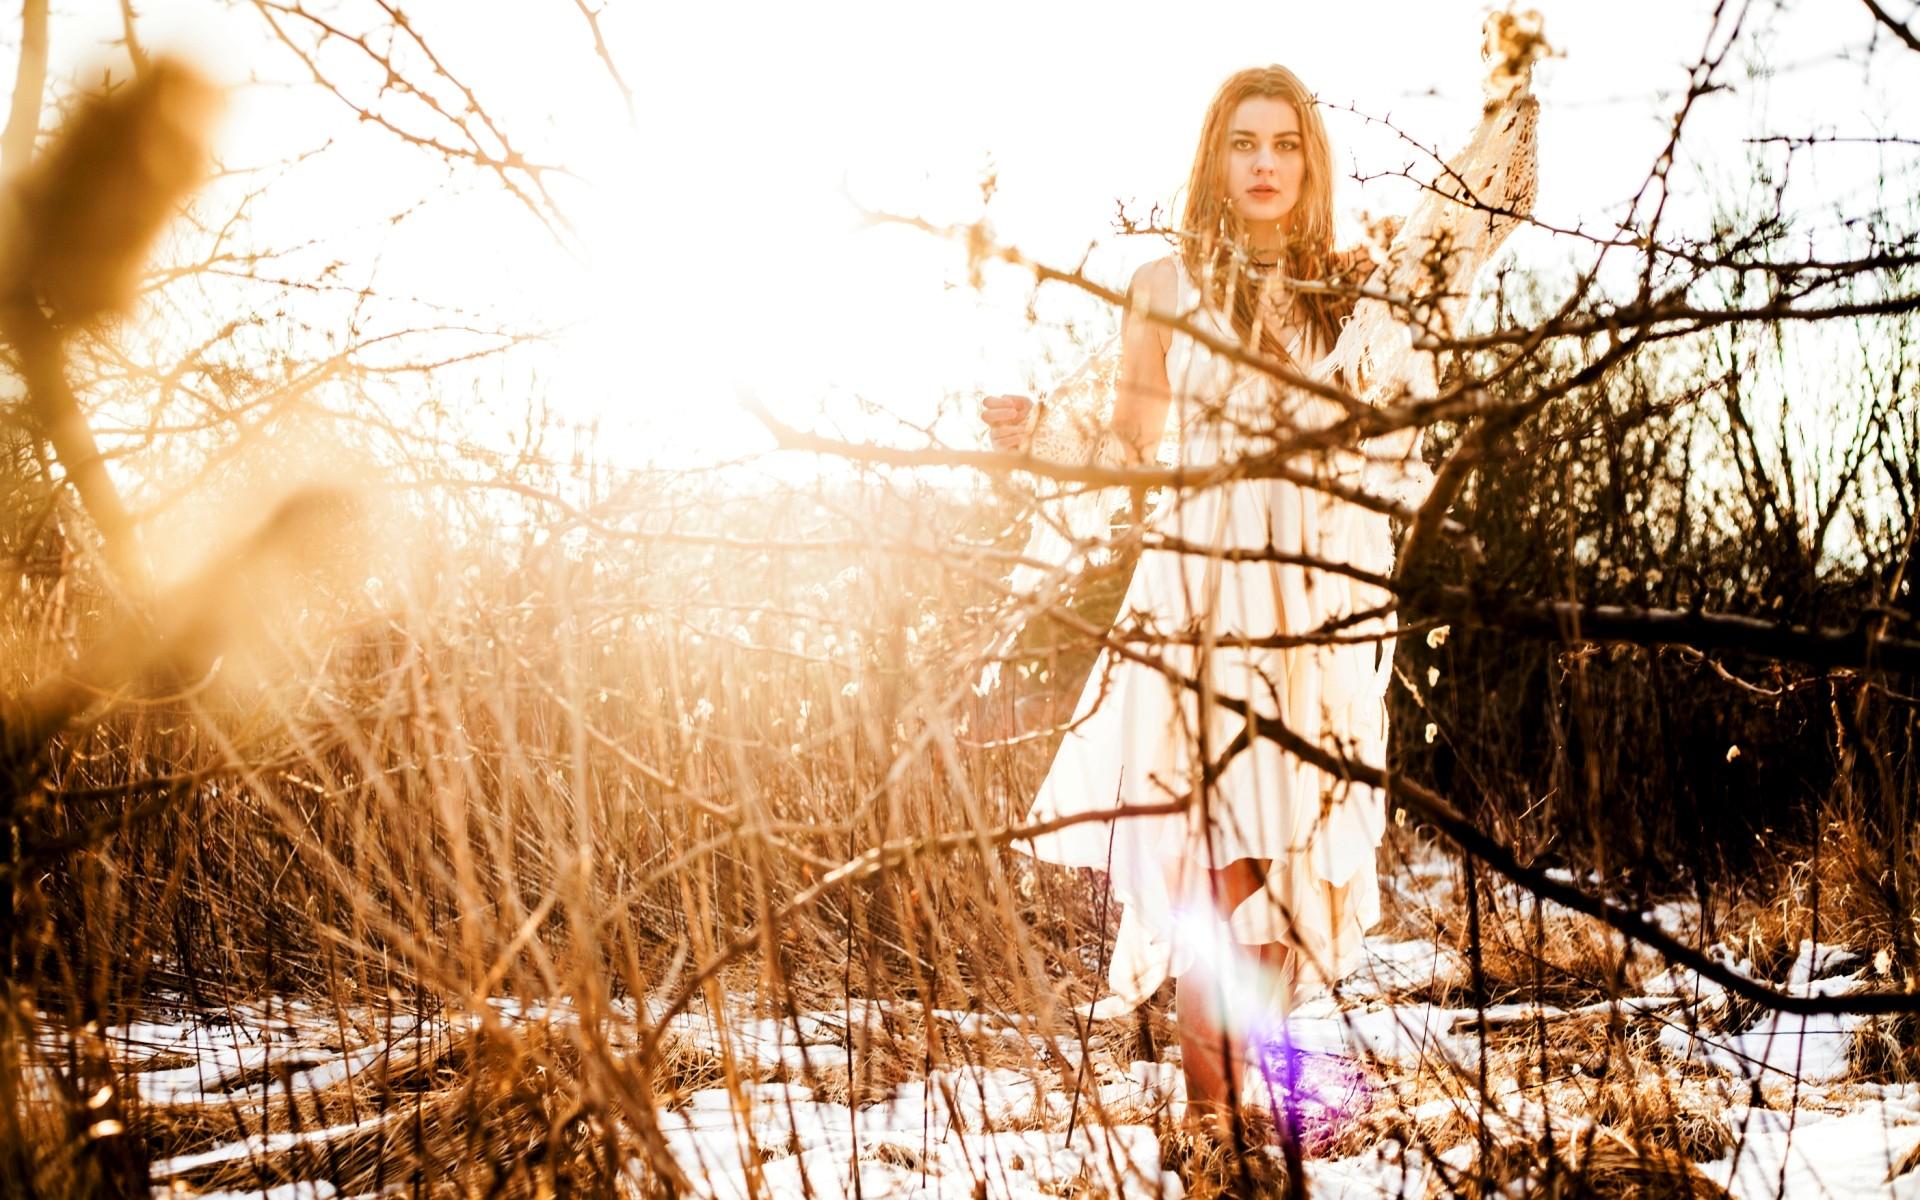 sale retailer 1fda8 15016 Hintergrundbilder : Sonnenlicht, Wald, Frauen im Freien ...